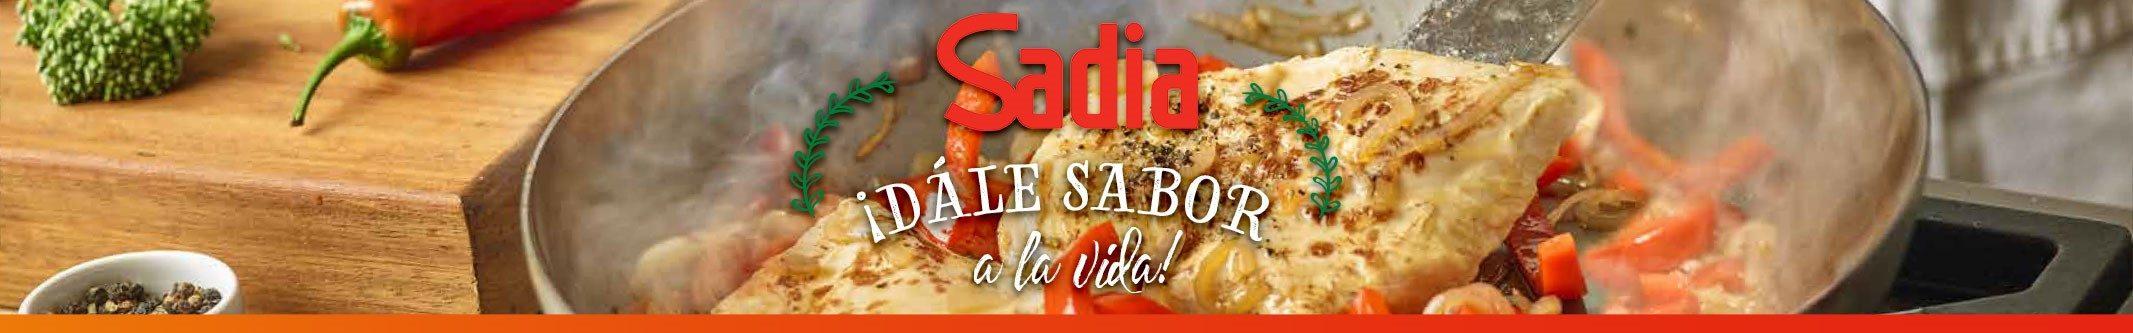 Sadia foodservice elaborados